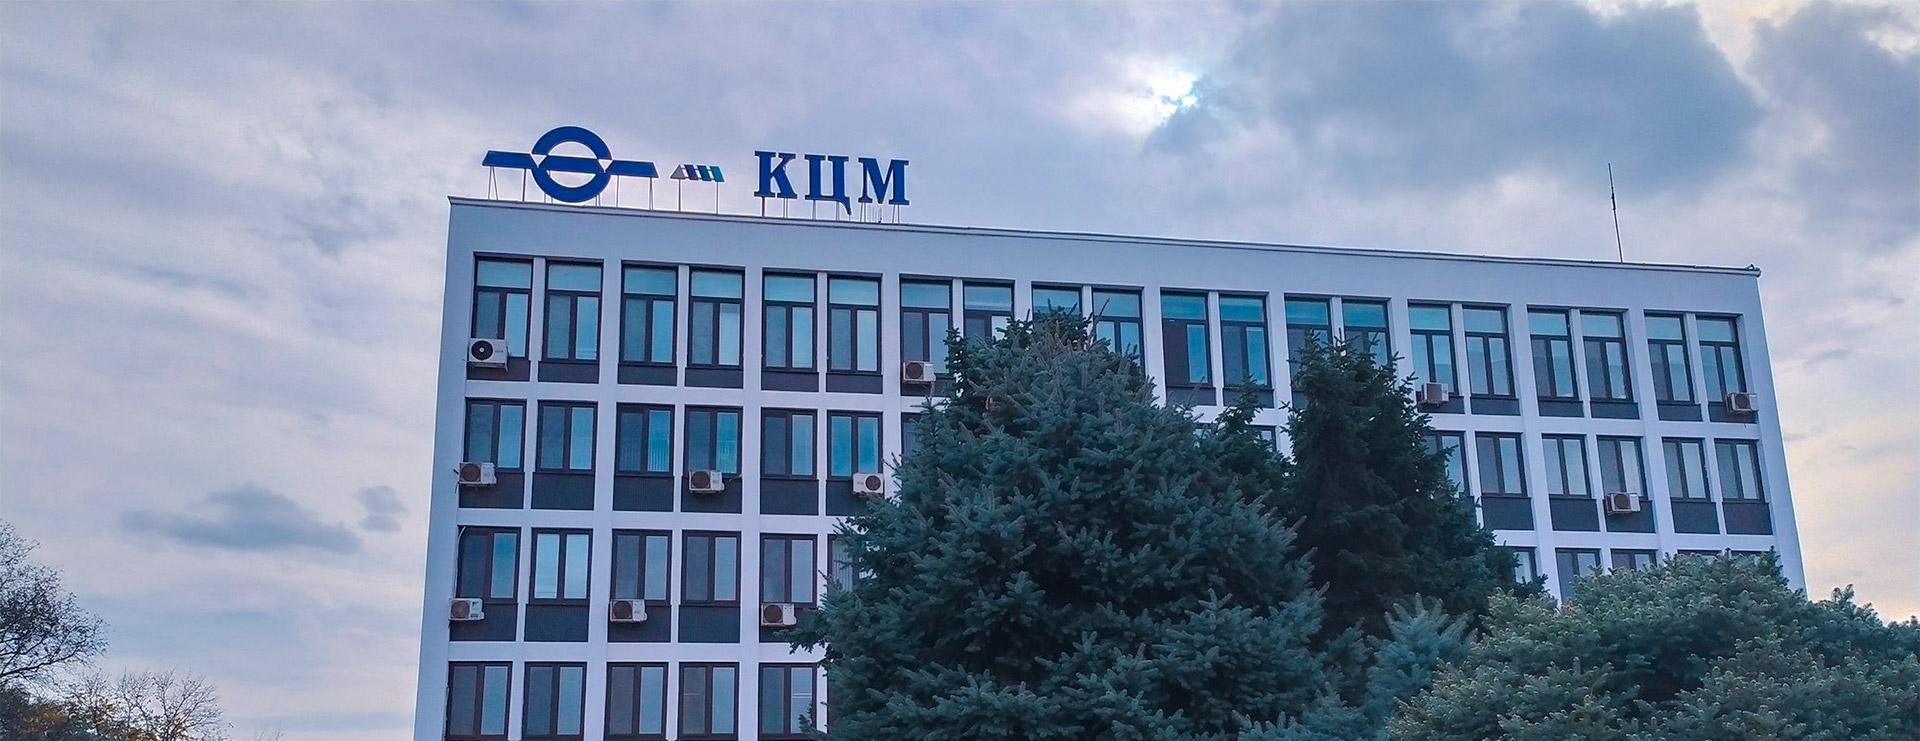 kcm-bg3-1.jpg